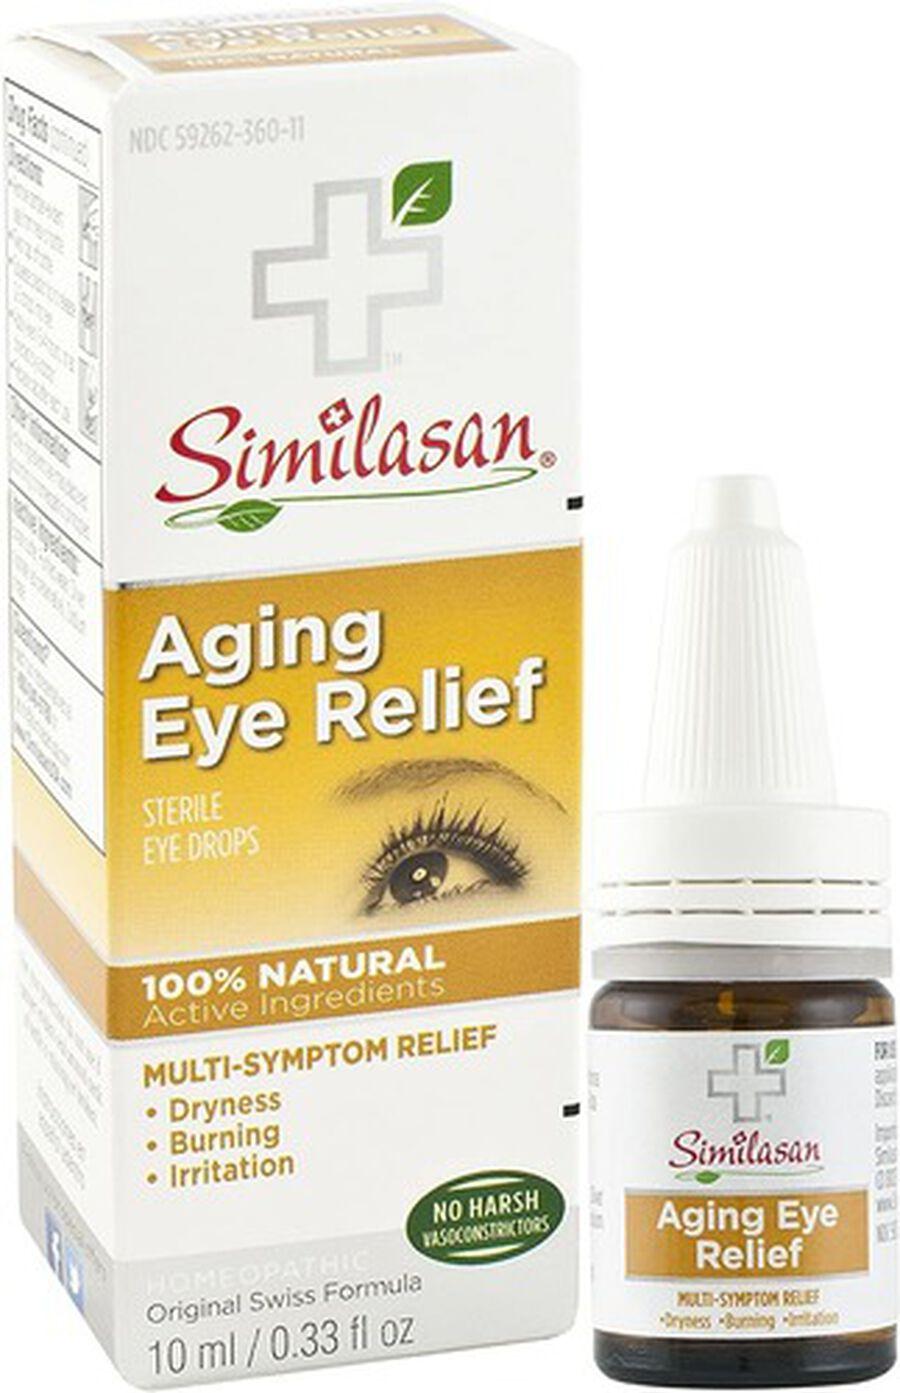 Similasan Aging Eye Relief, 0.33 fl. oz., , large image number 3